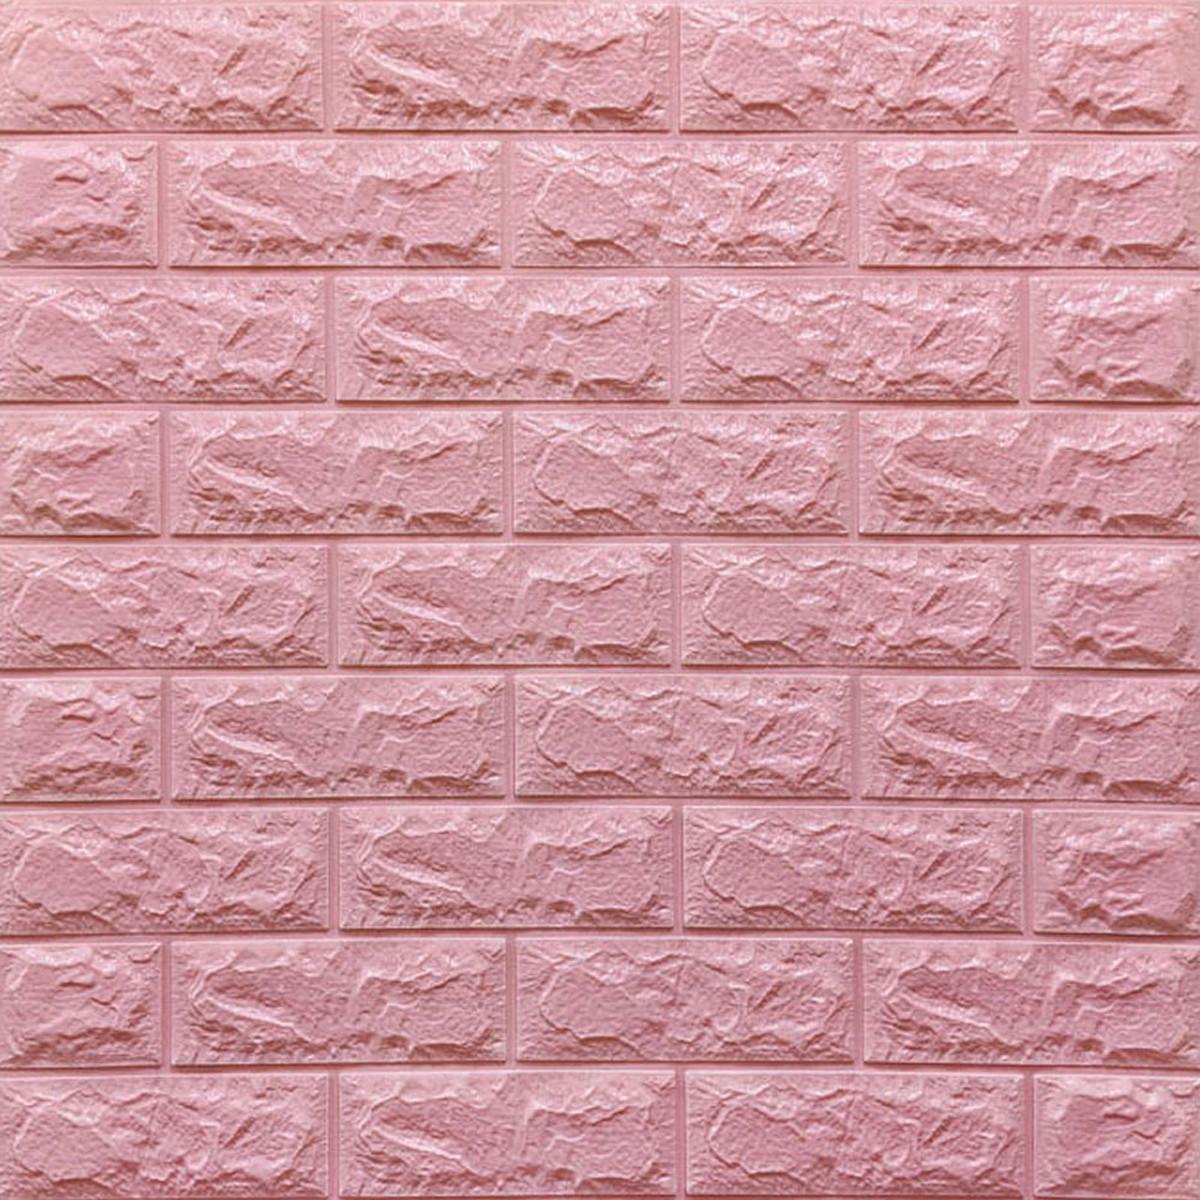 Декоративна 3D панель самоклейка під цеглу Рожевий 700х770х7мм